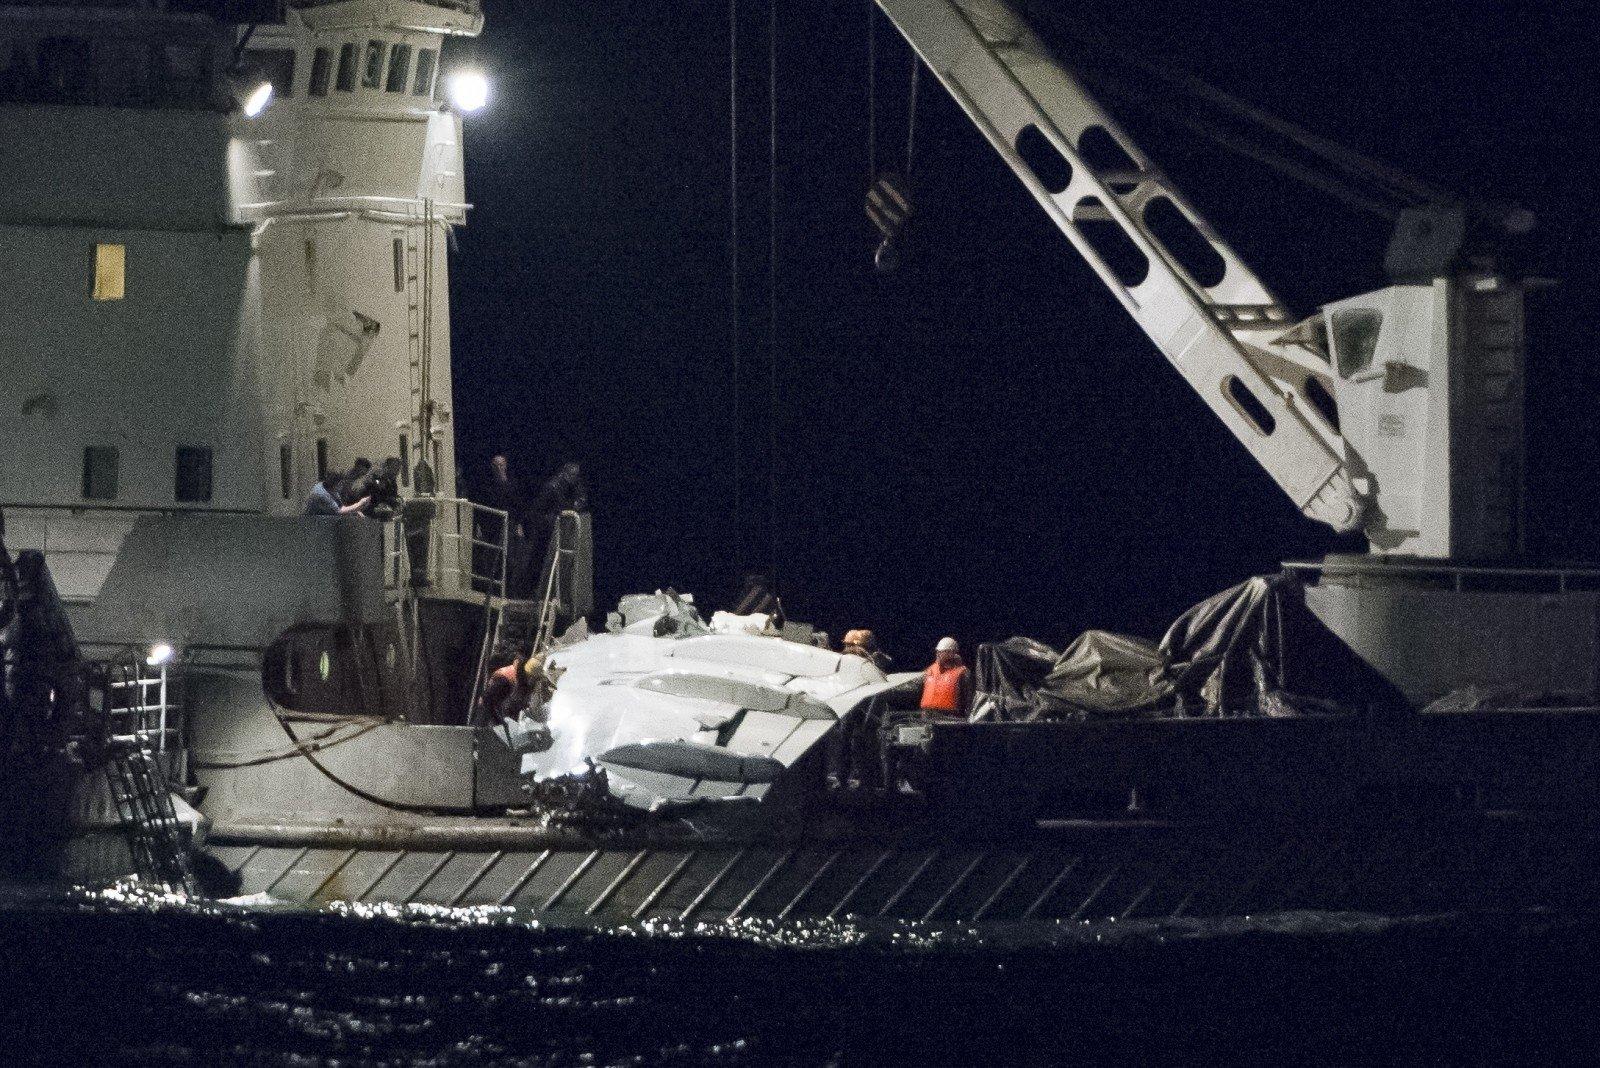 Основные фрагменты разбившегося Ту-154 подняты наповерхность